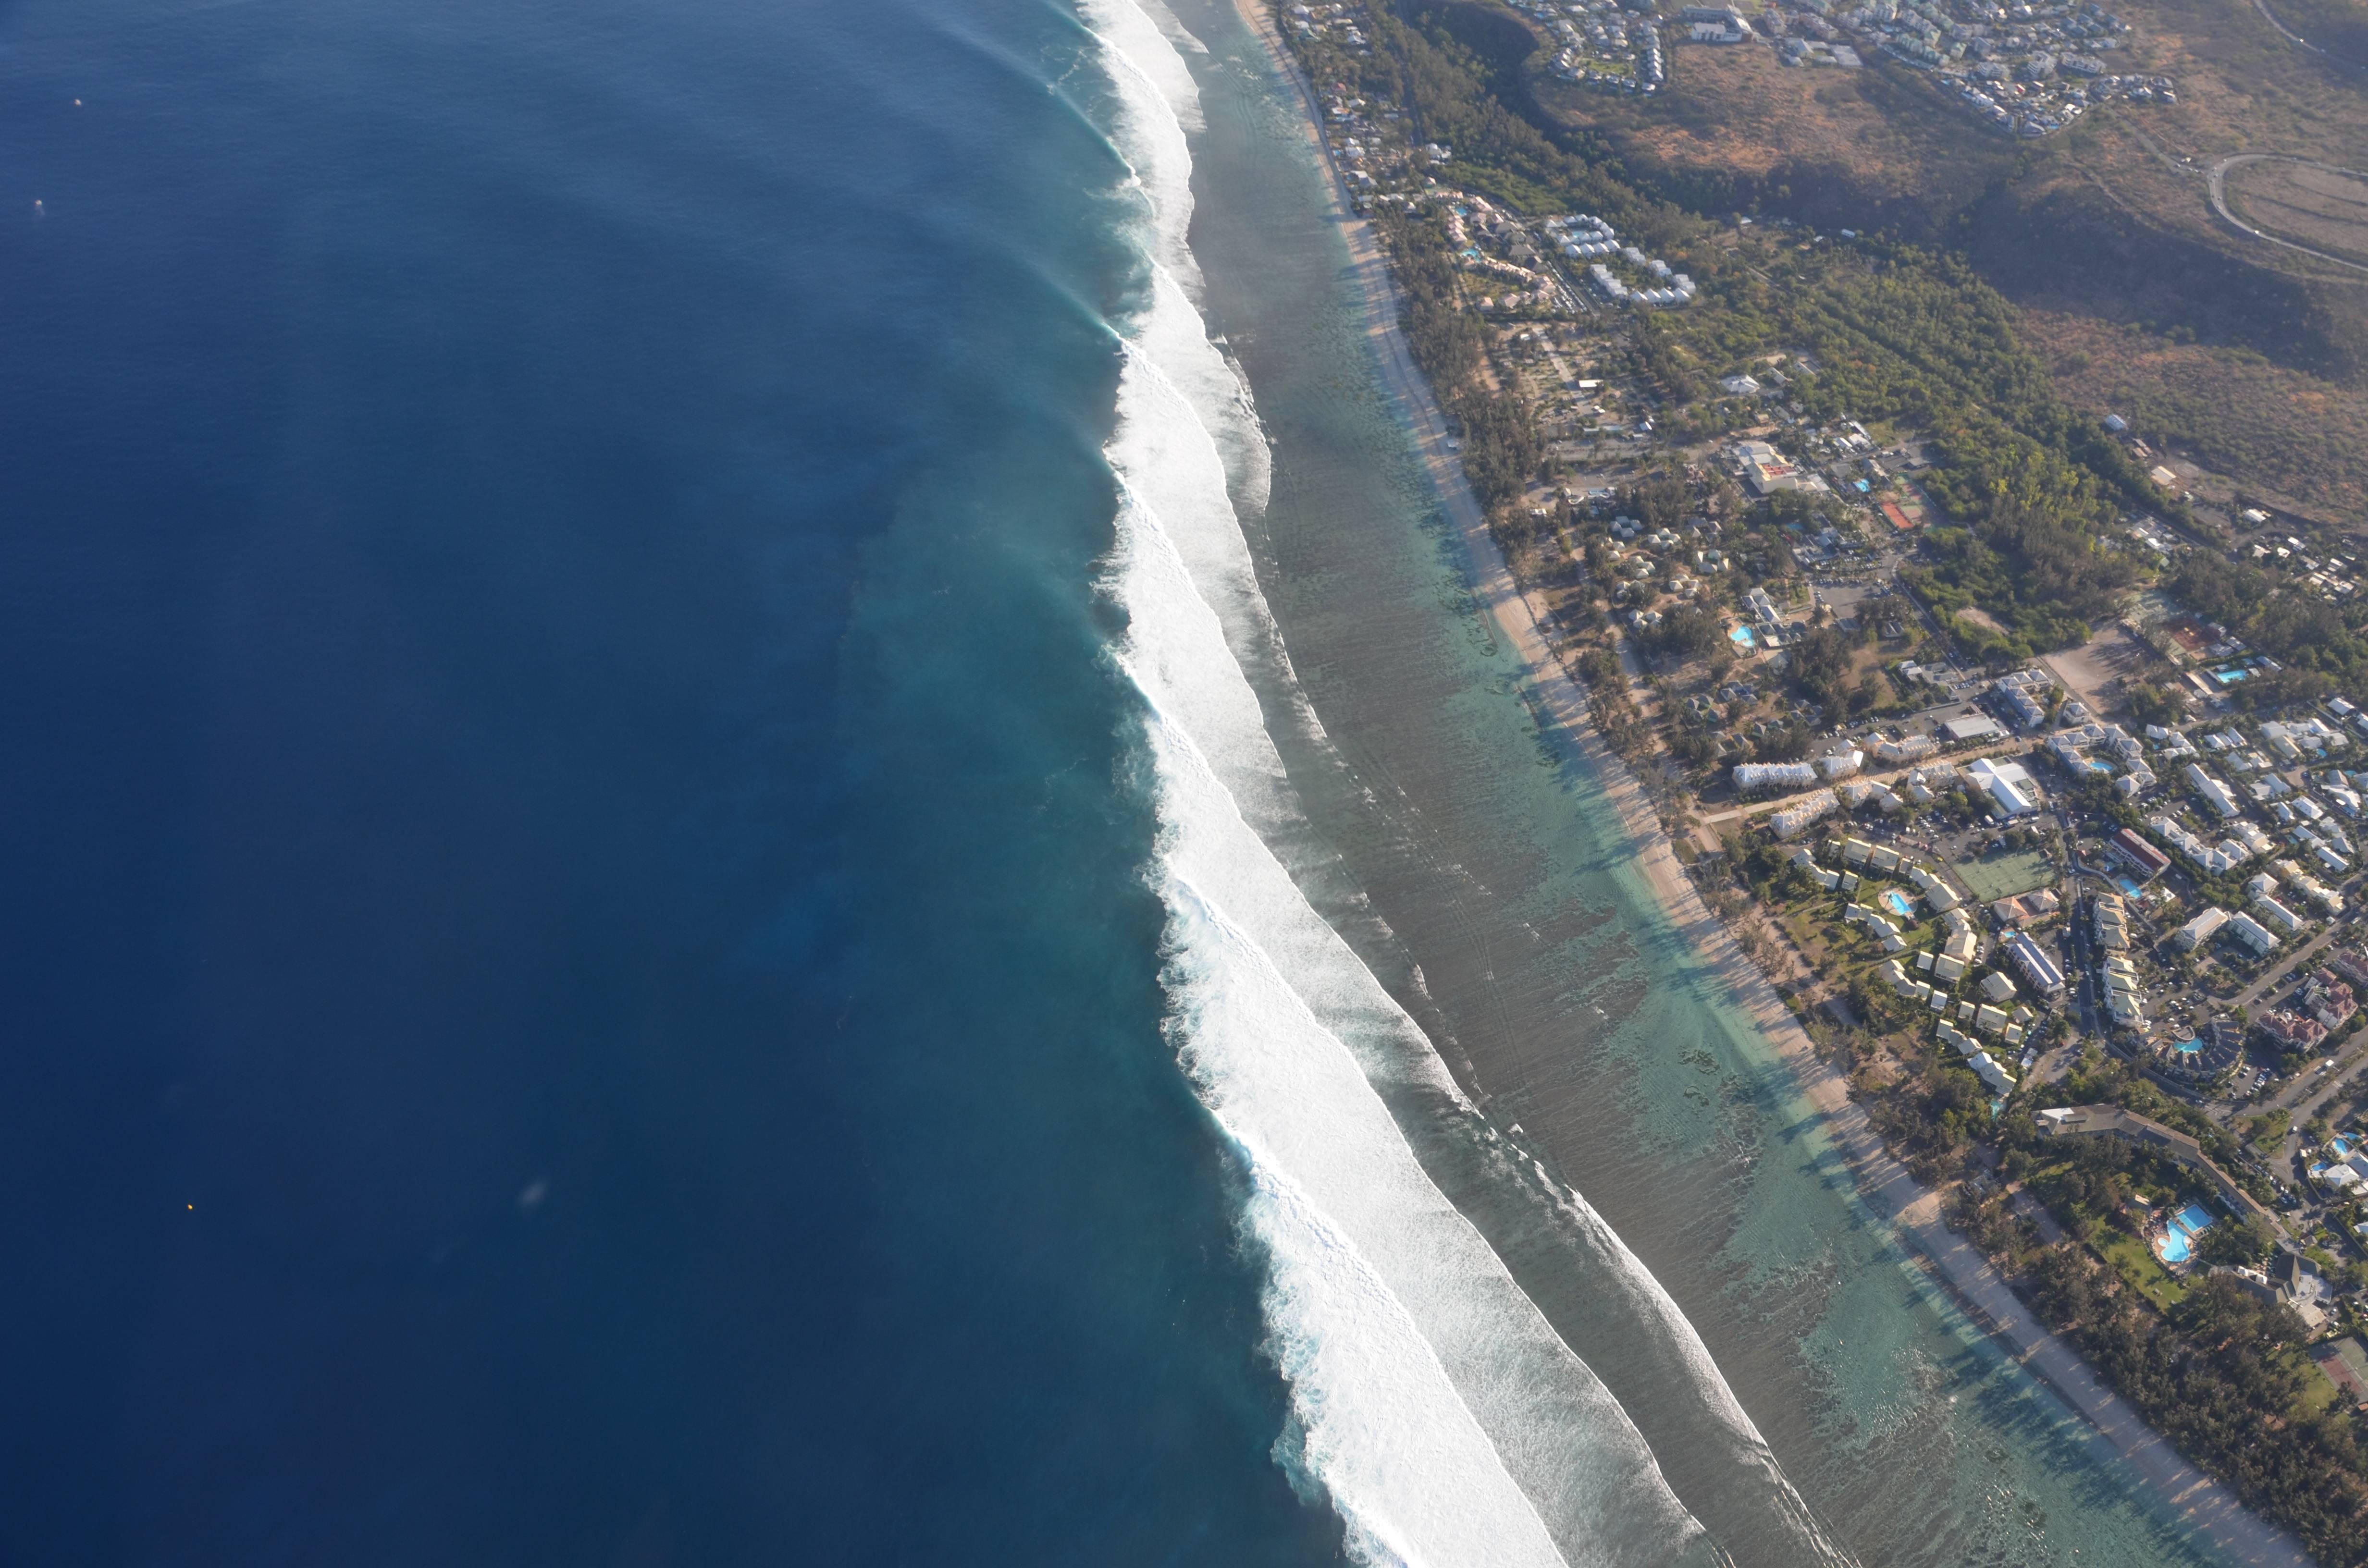 Photo 2: Survoler La Réunion et avoir le souffle coupé !